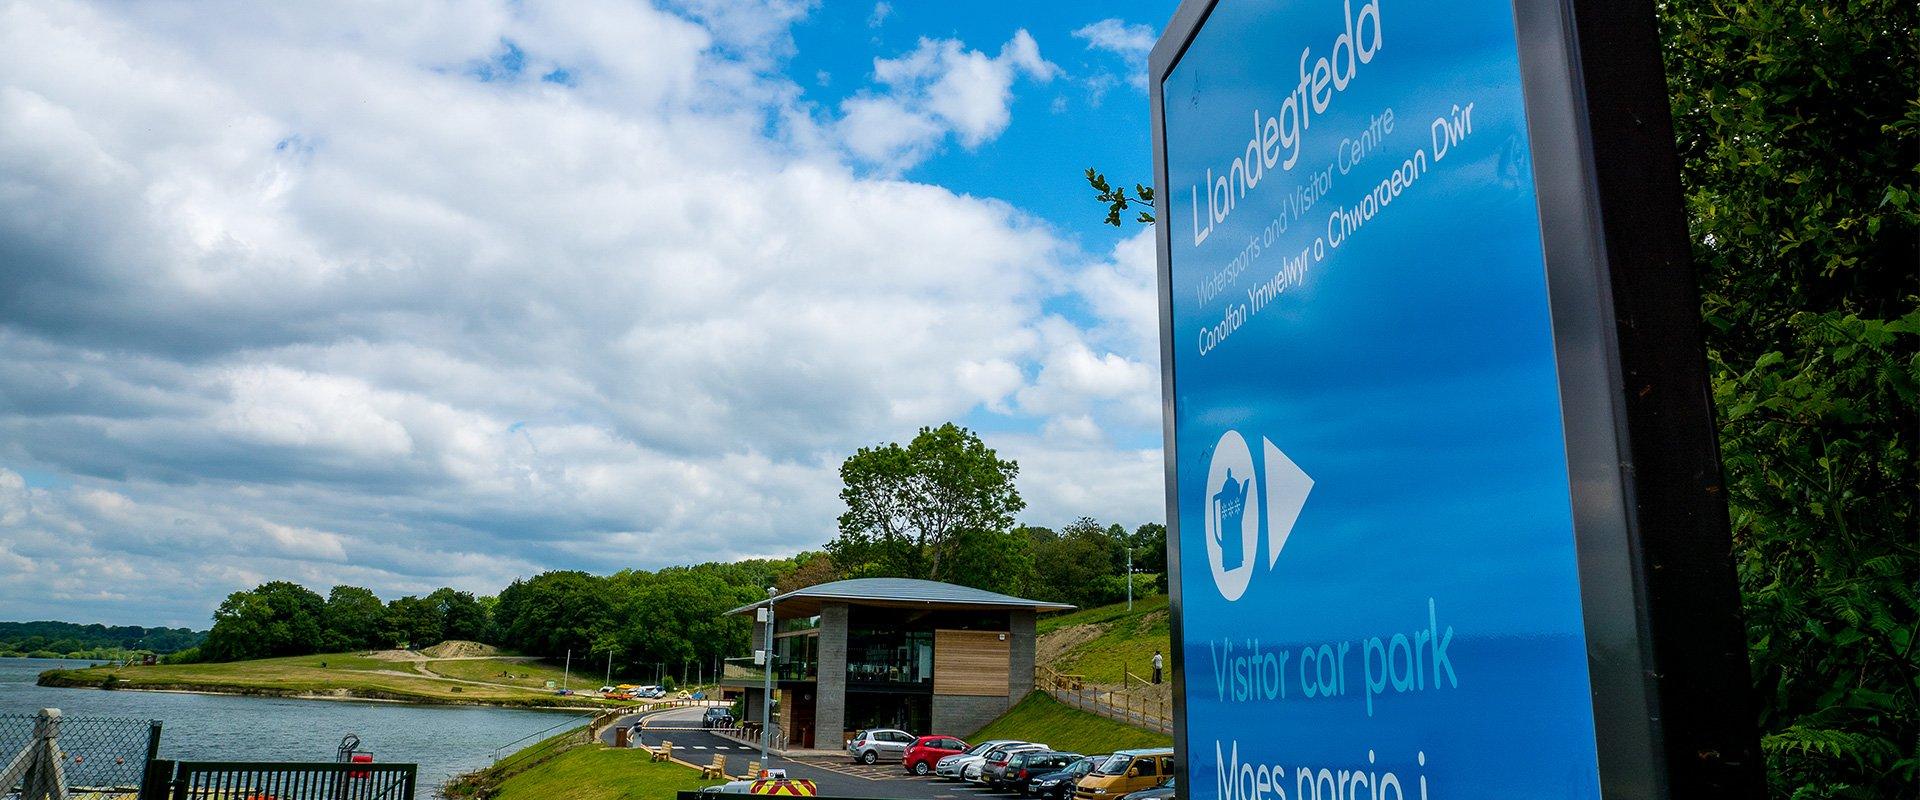 Dwr Cymru Welsh Water Llandegfedd visitor centre signage